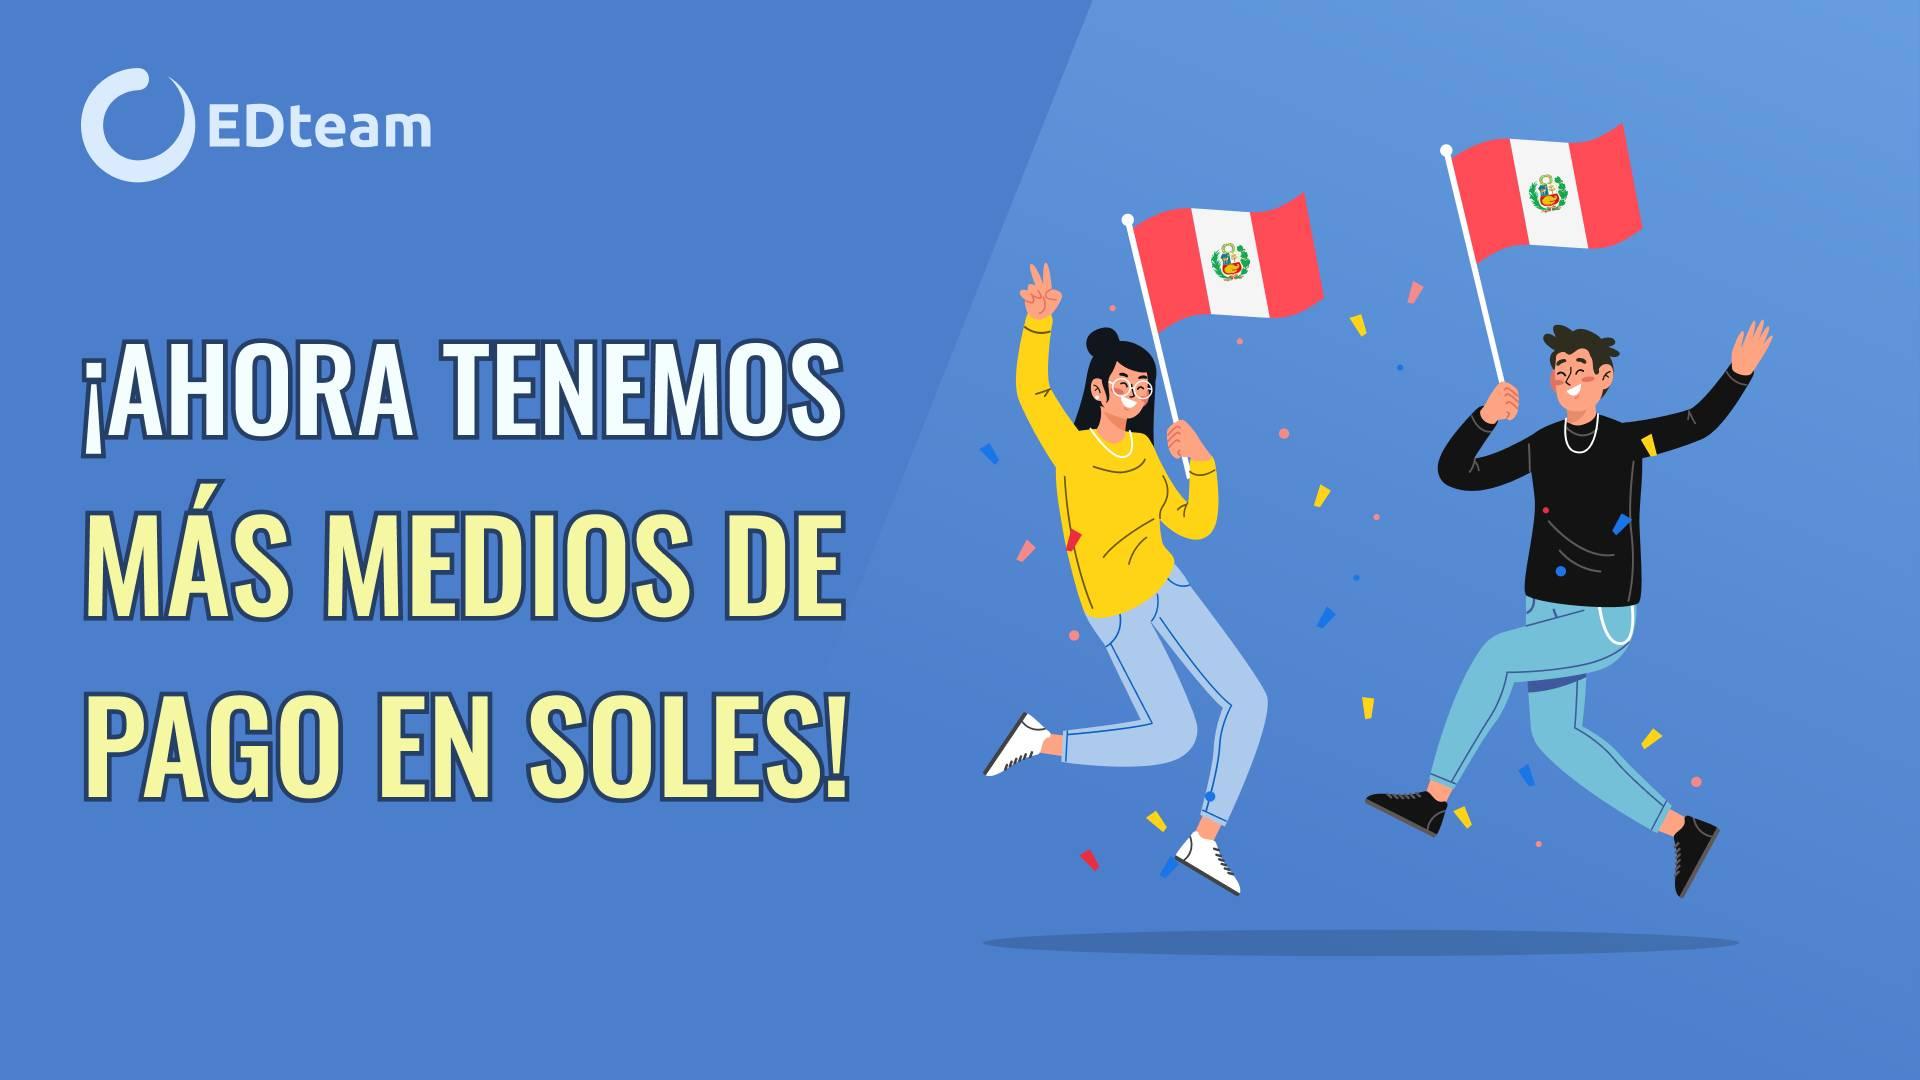 Amigos de Perú, ¡ahora pueden pagar su educación en EDteam con soles y sin tarjeta!